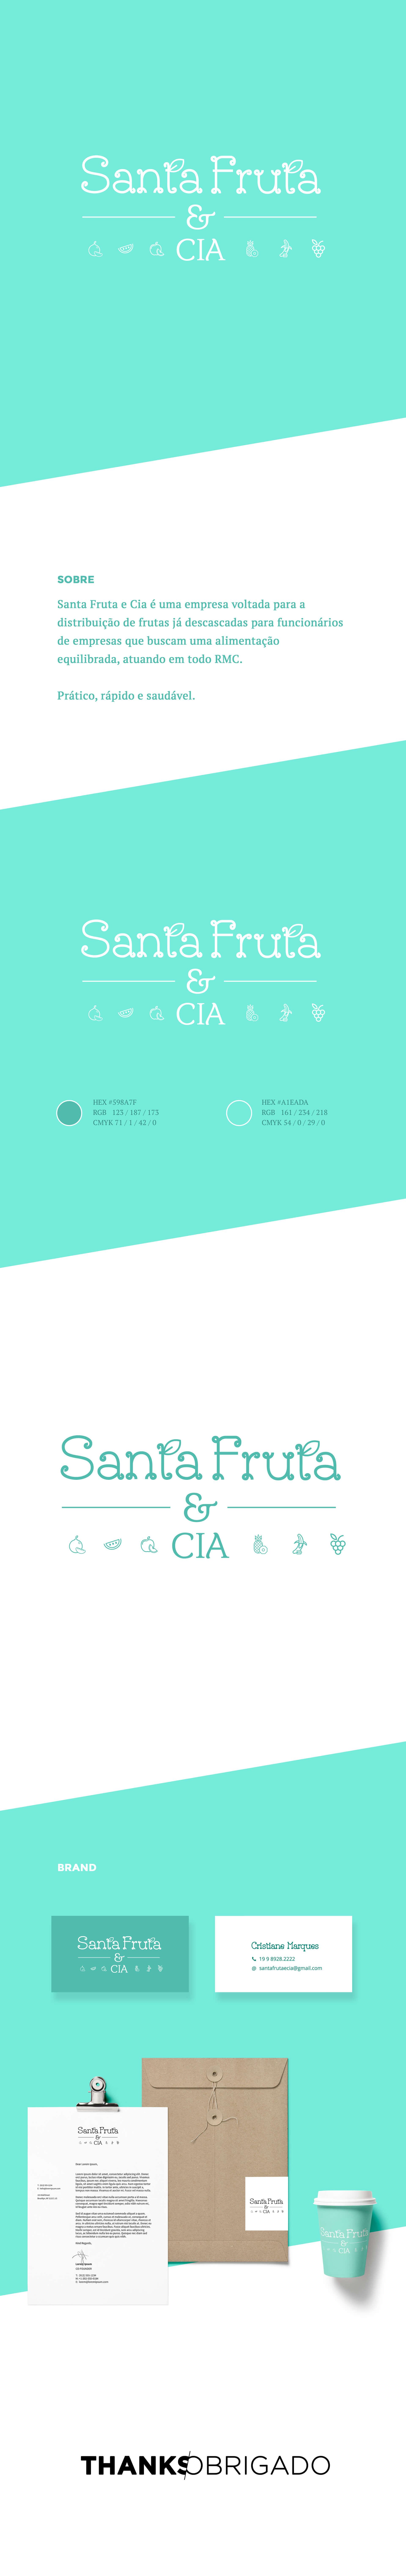 Projeto - Mutt Studio -Santa Fruta & CIA